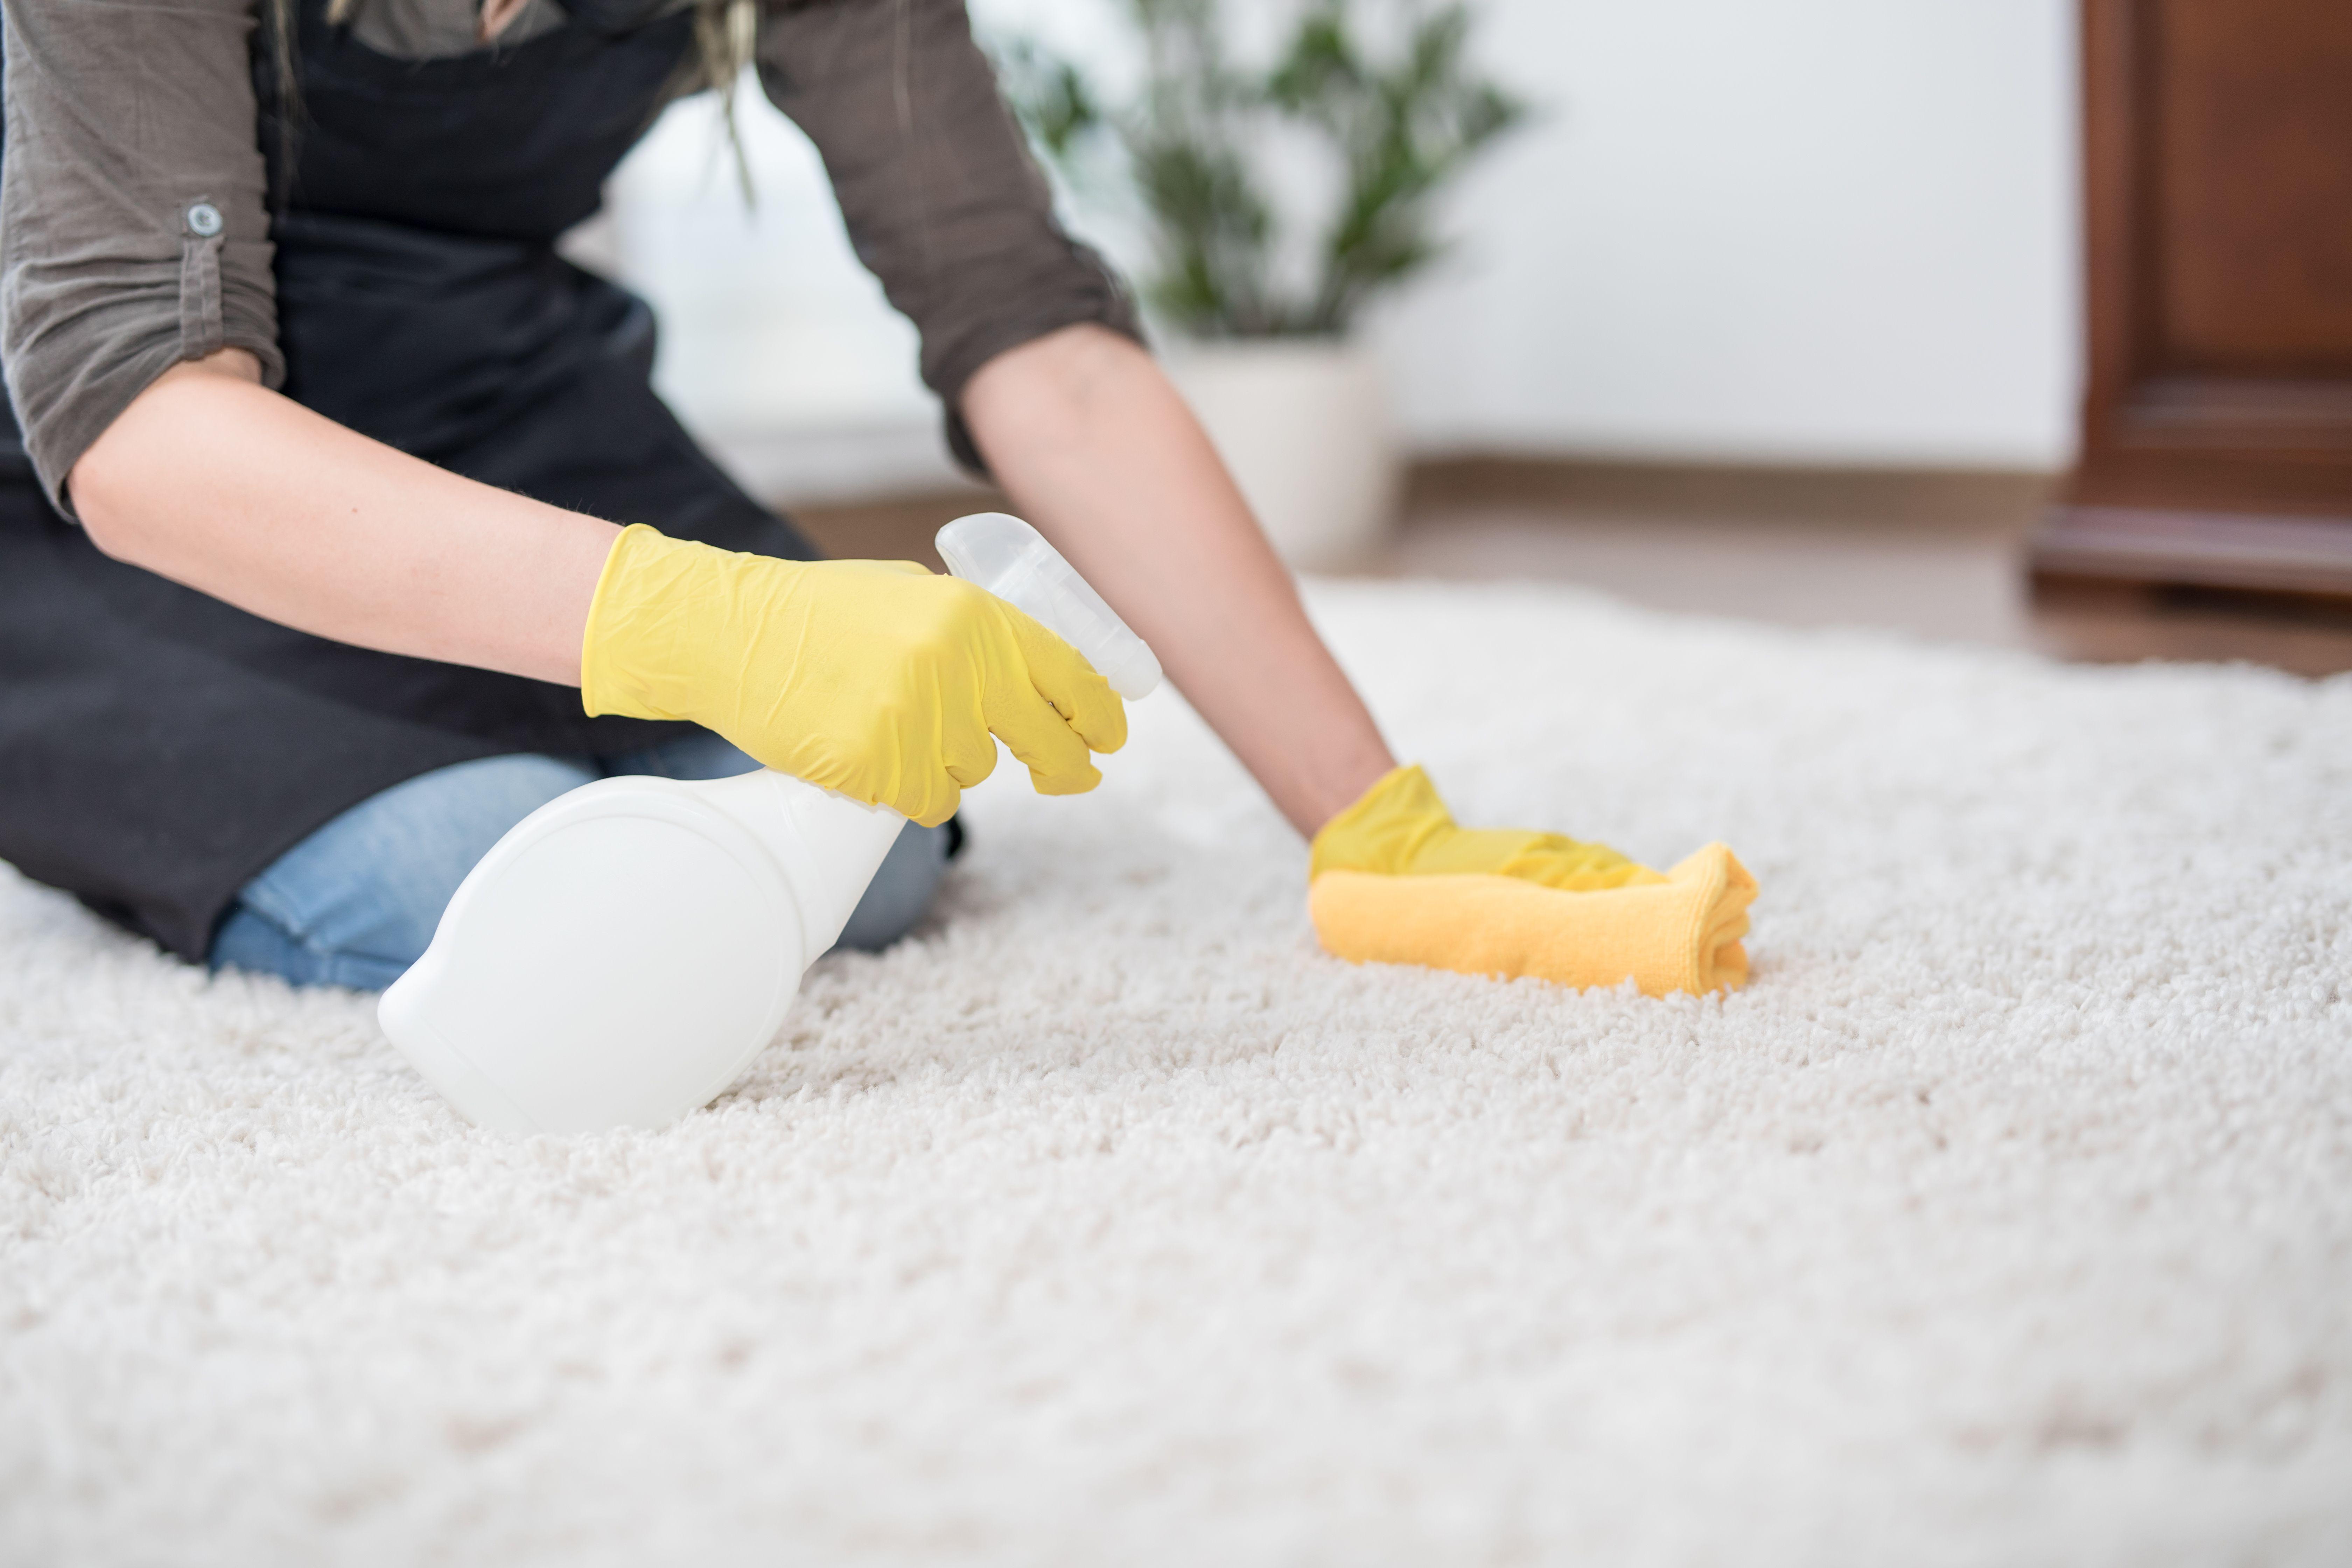 Как избавиться от запаха от ковра: правила удаления вони в домашних условиях